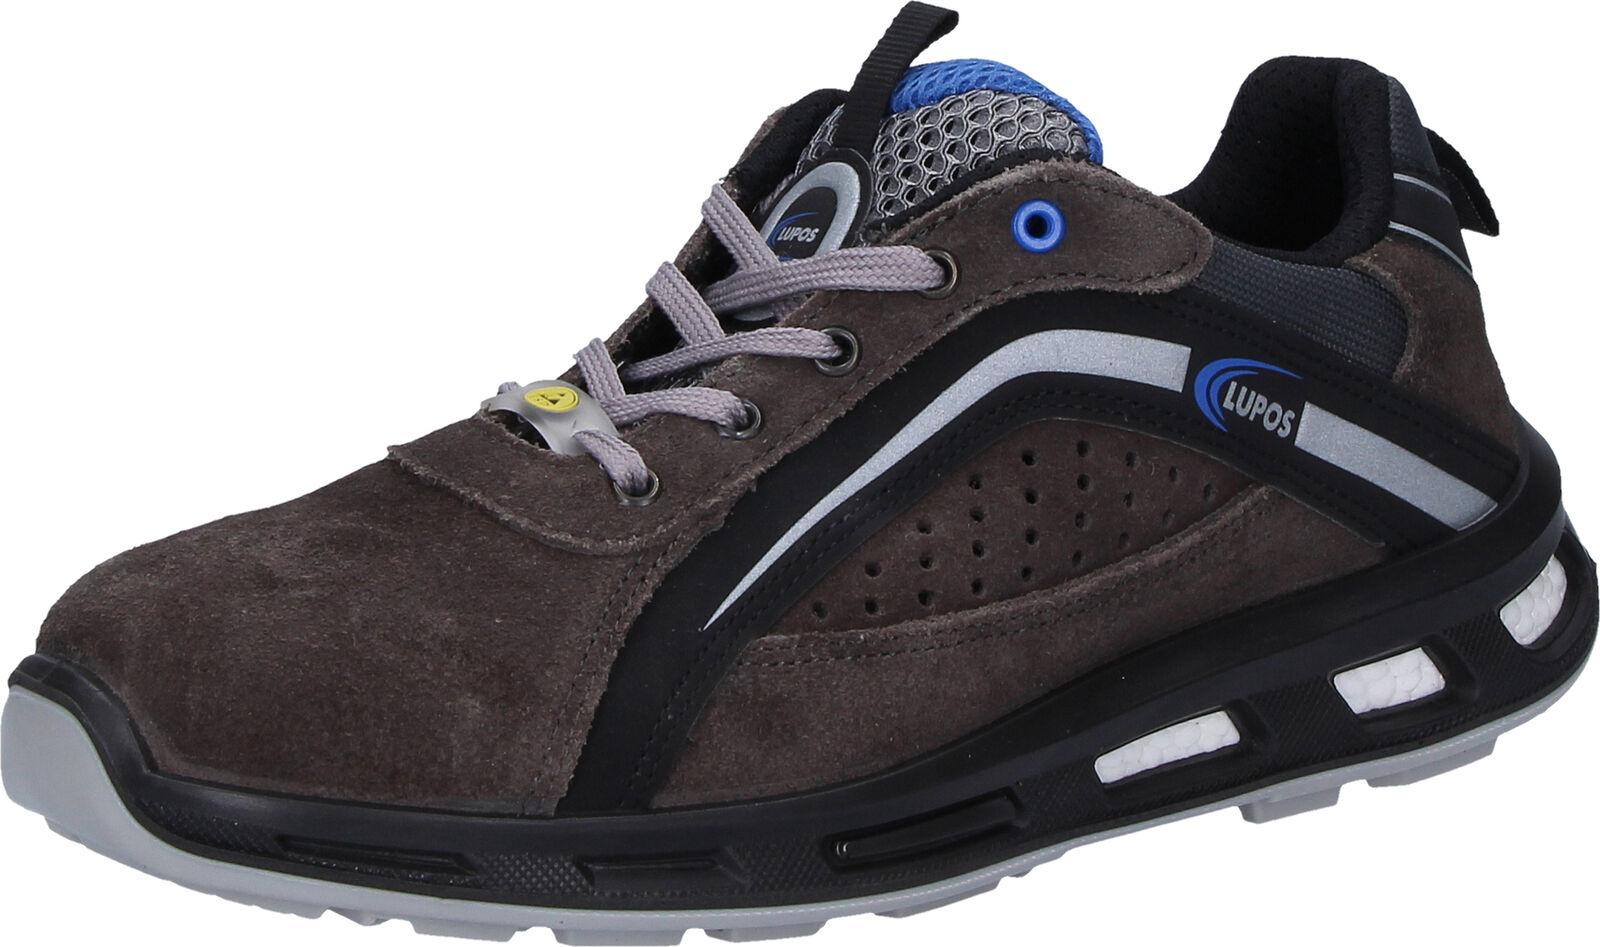 LUPOS Park gris en345 s1p ESD zapato bajo zapatos de seguridad